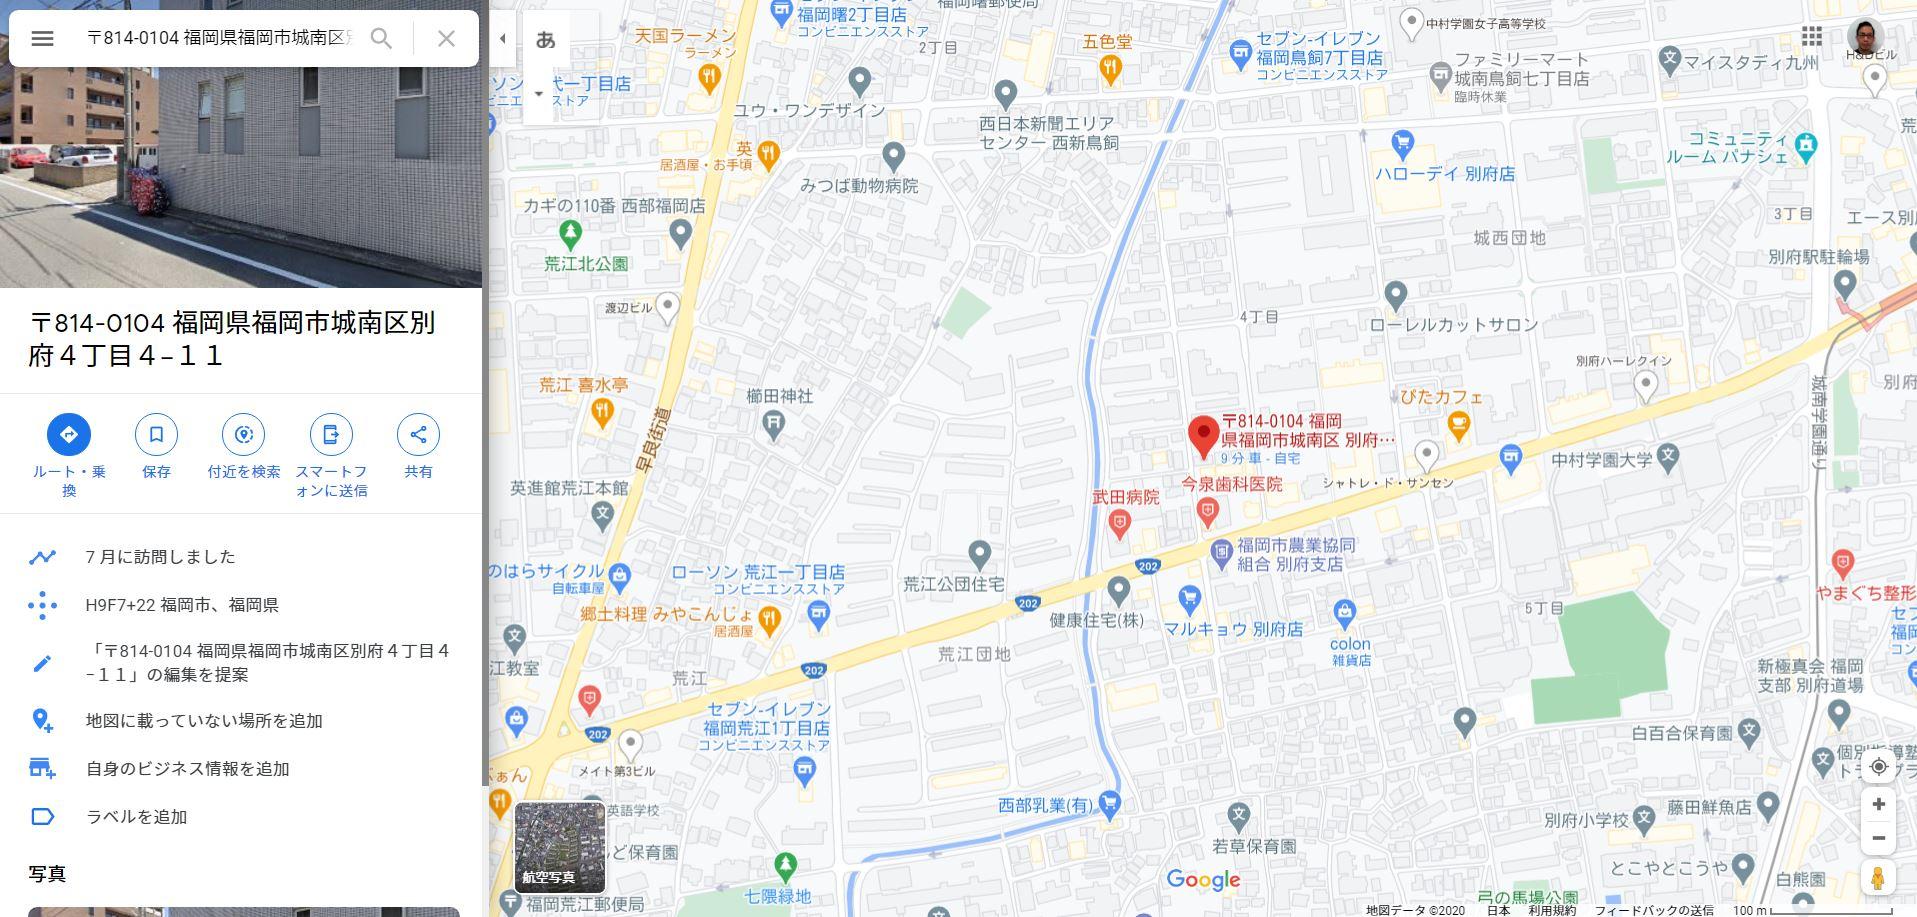 別府スタジオまでの地図